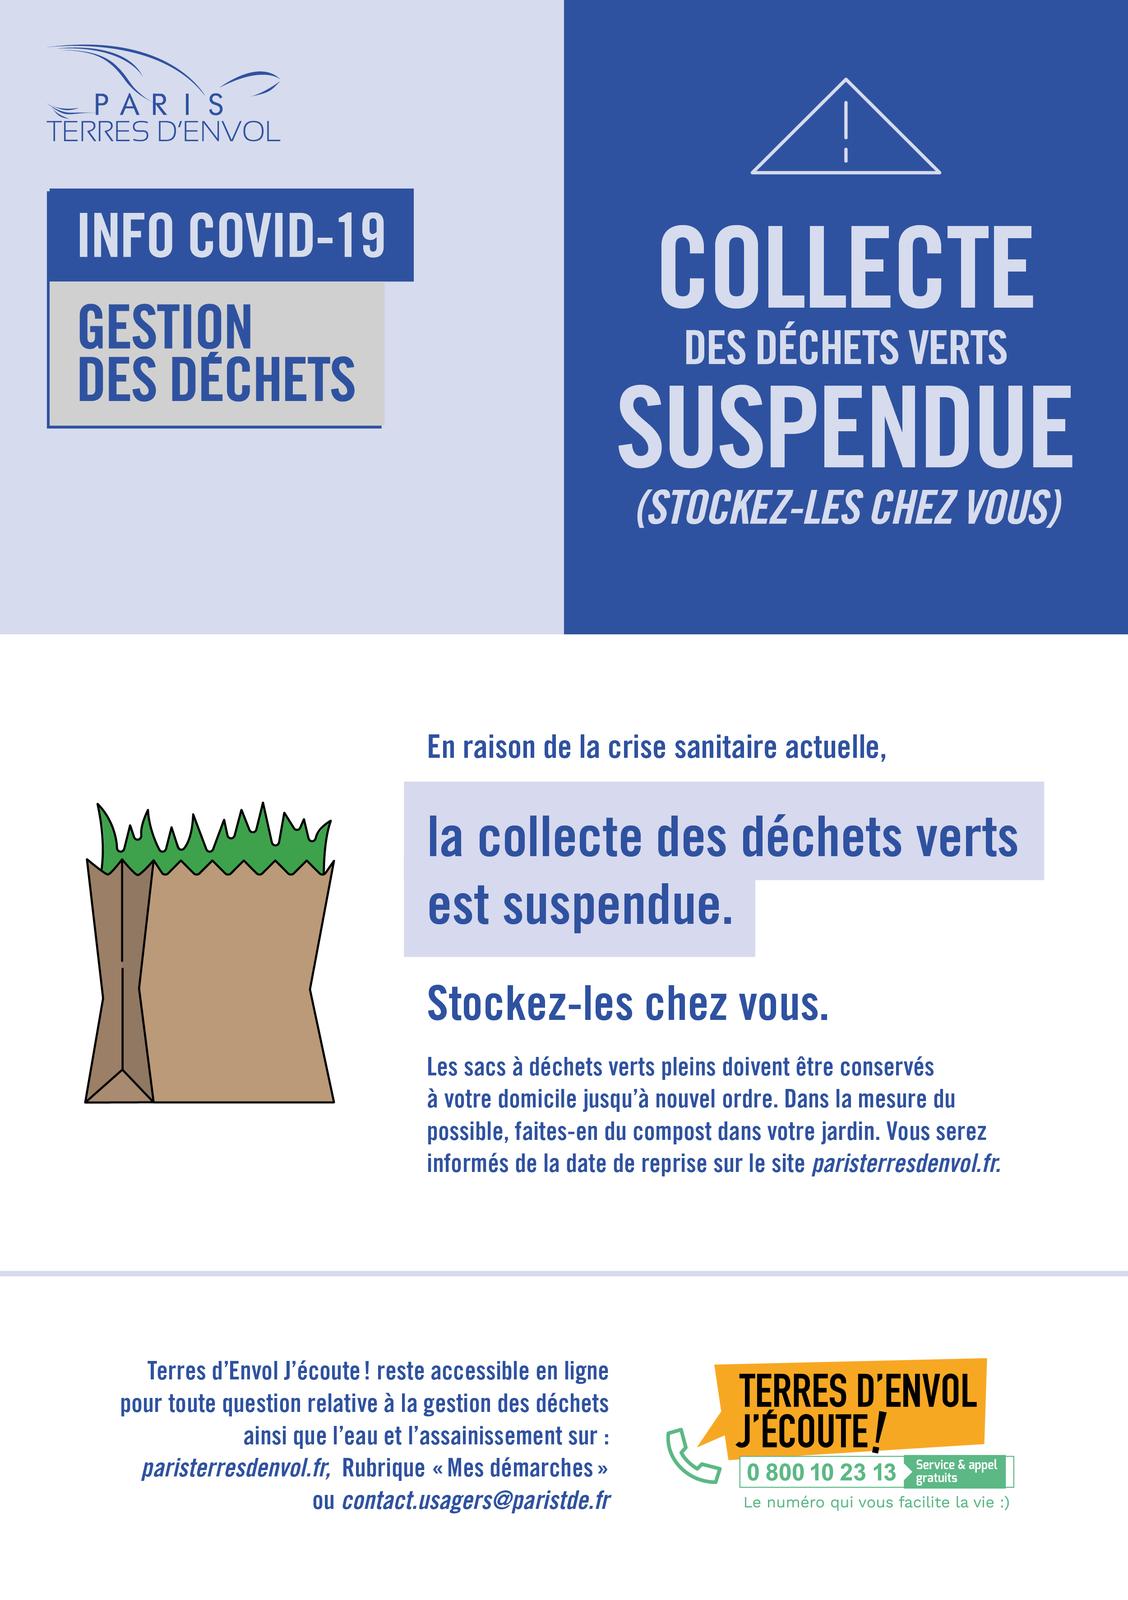 Pendant le confinement il faut stocker les déchets verts chez soi à Aulnay-sous-Bois